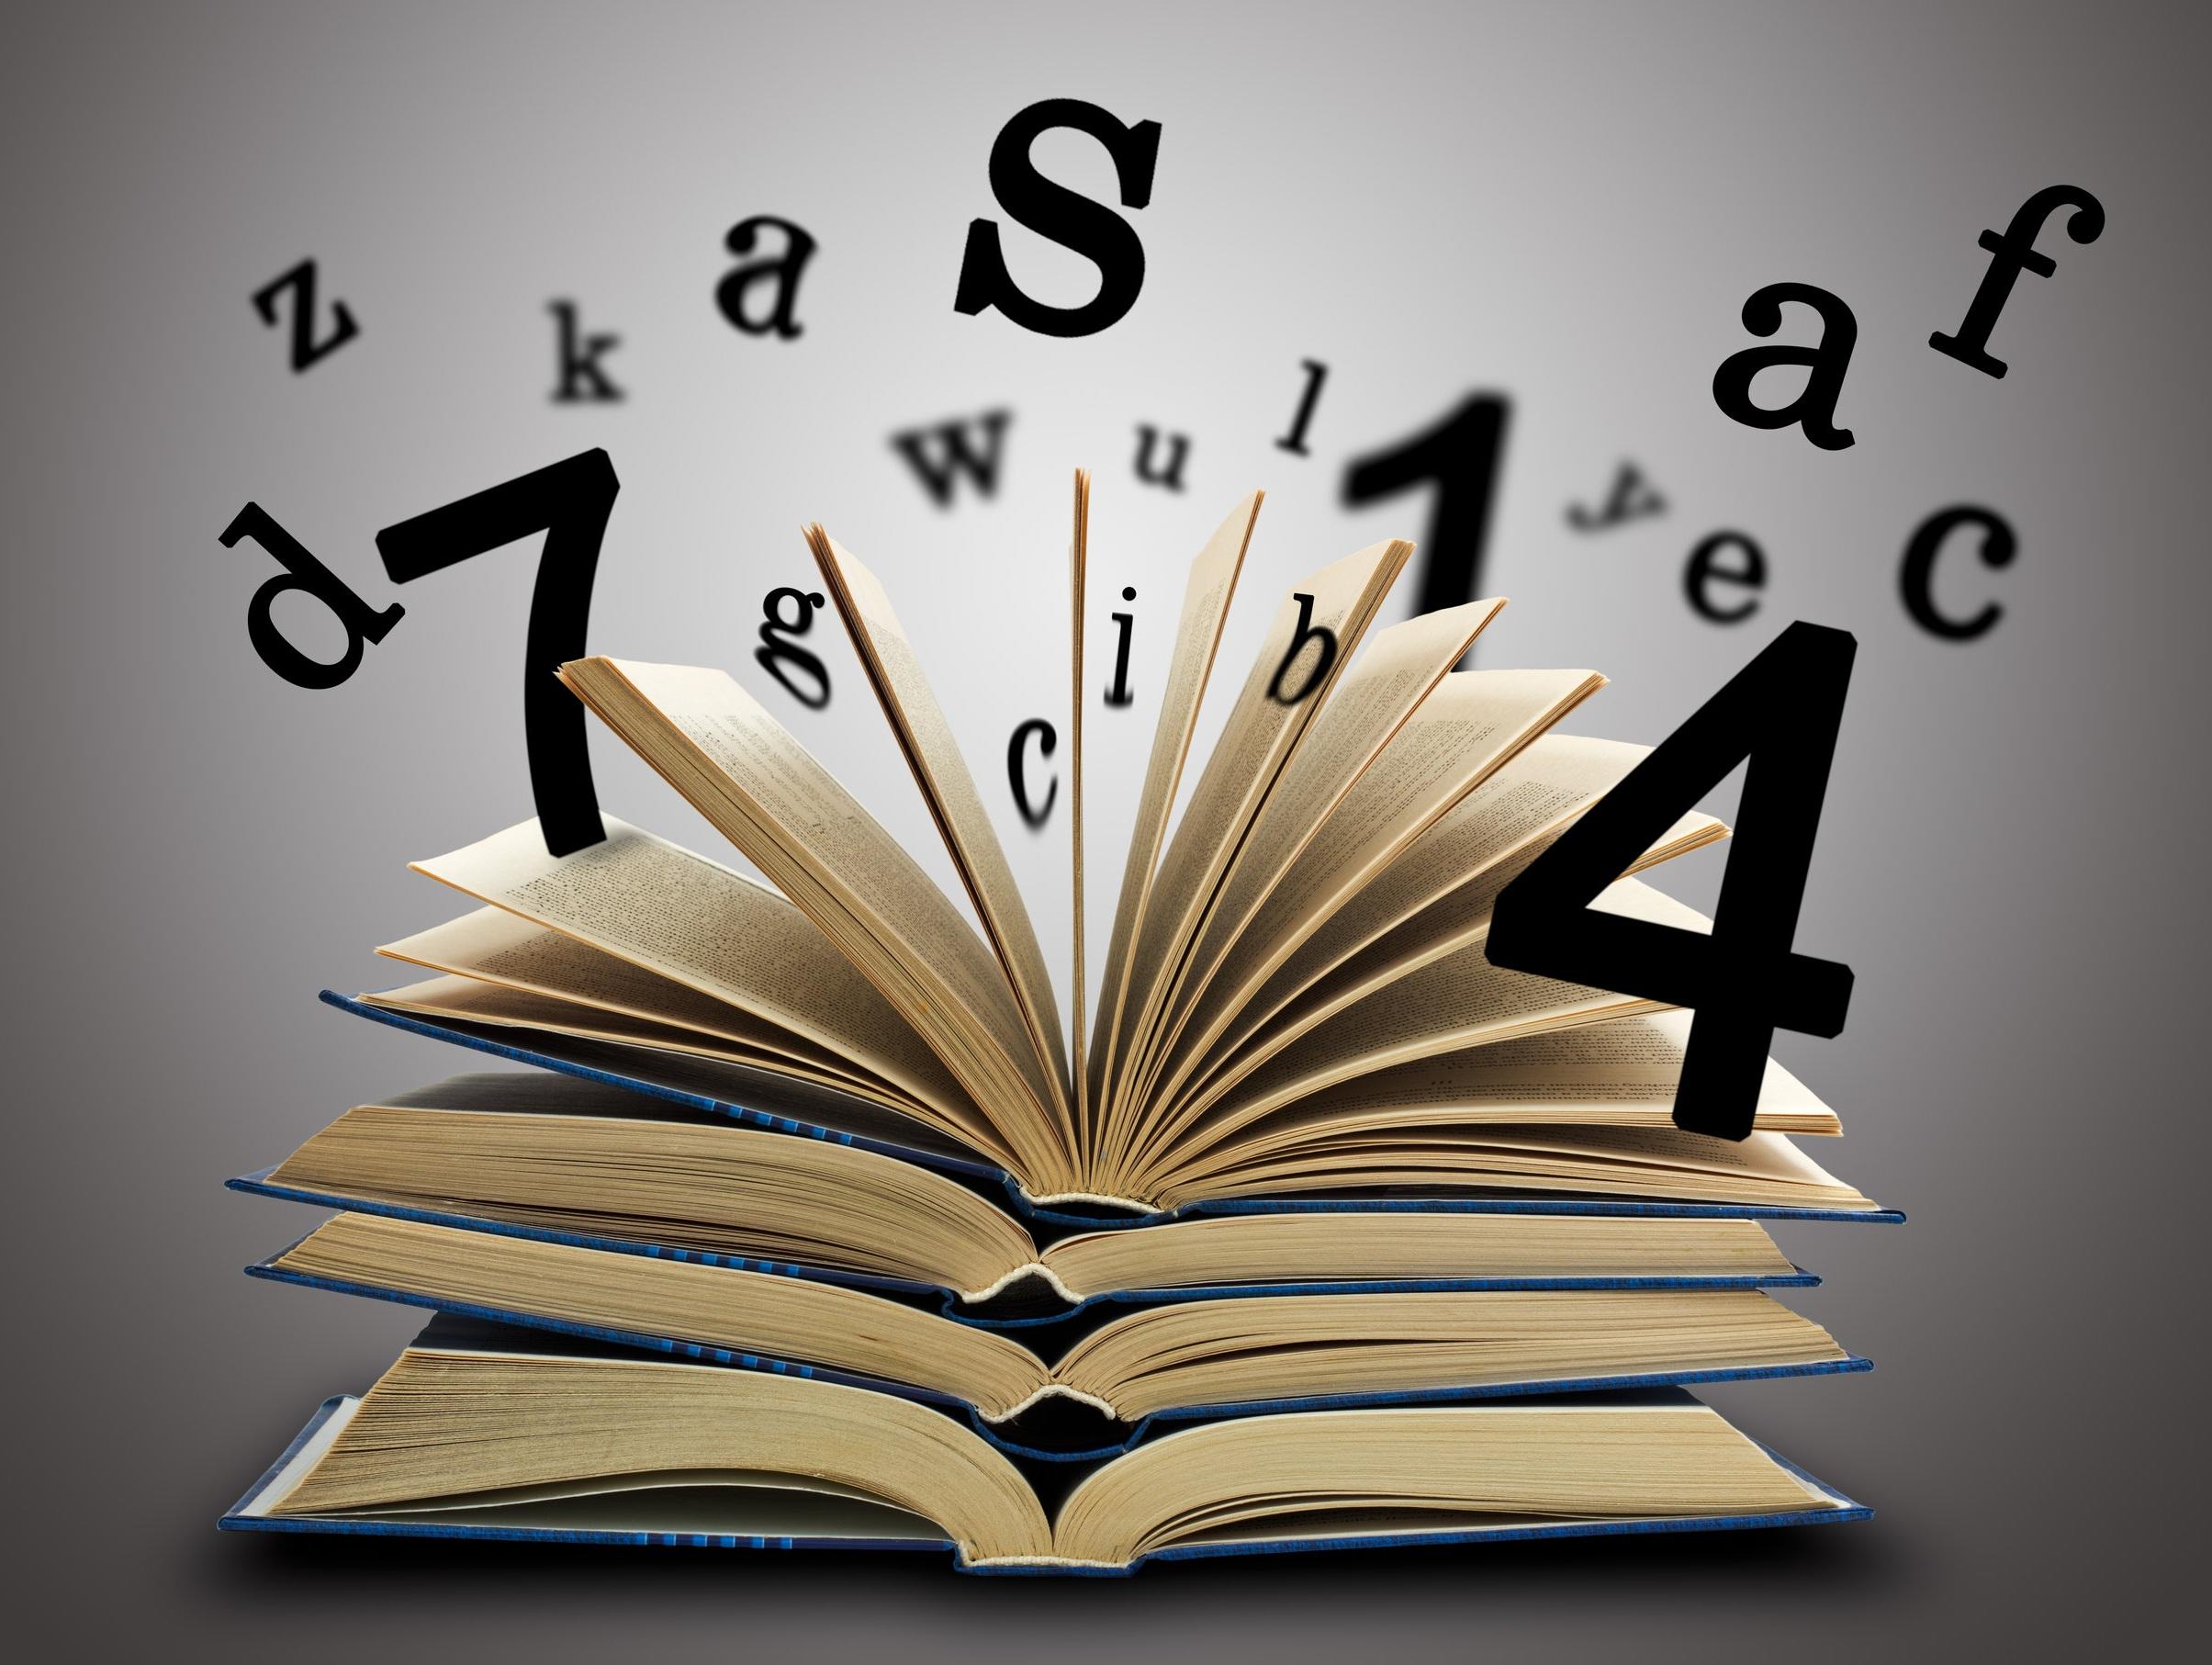 OpenBook_NumbersLetters.jpg